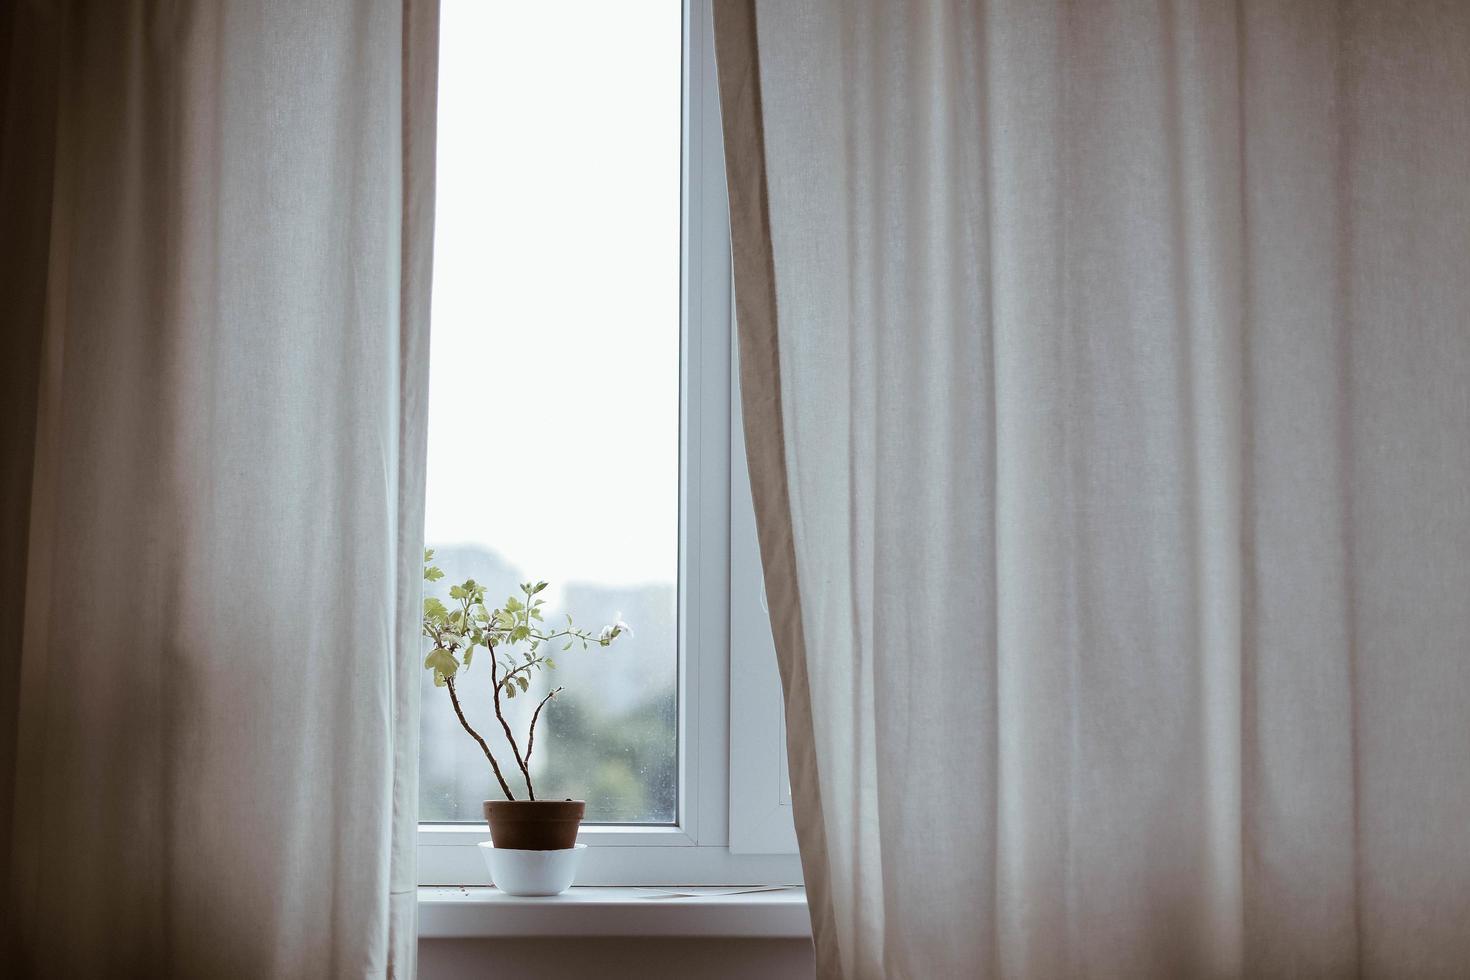 plante en pot sur le rebord de la fenêtre avec des rideaux photo